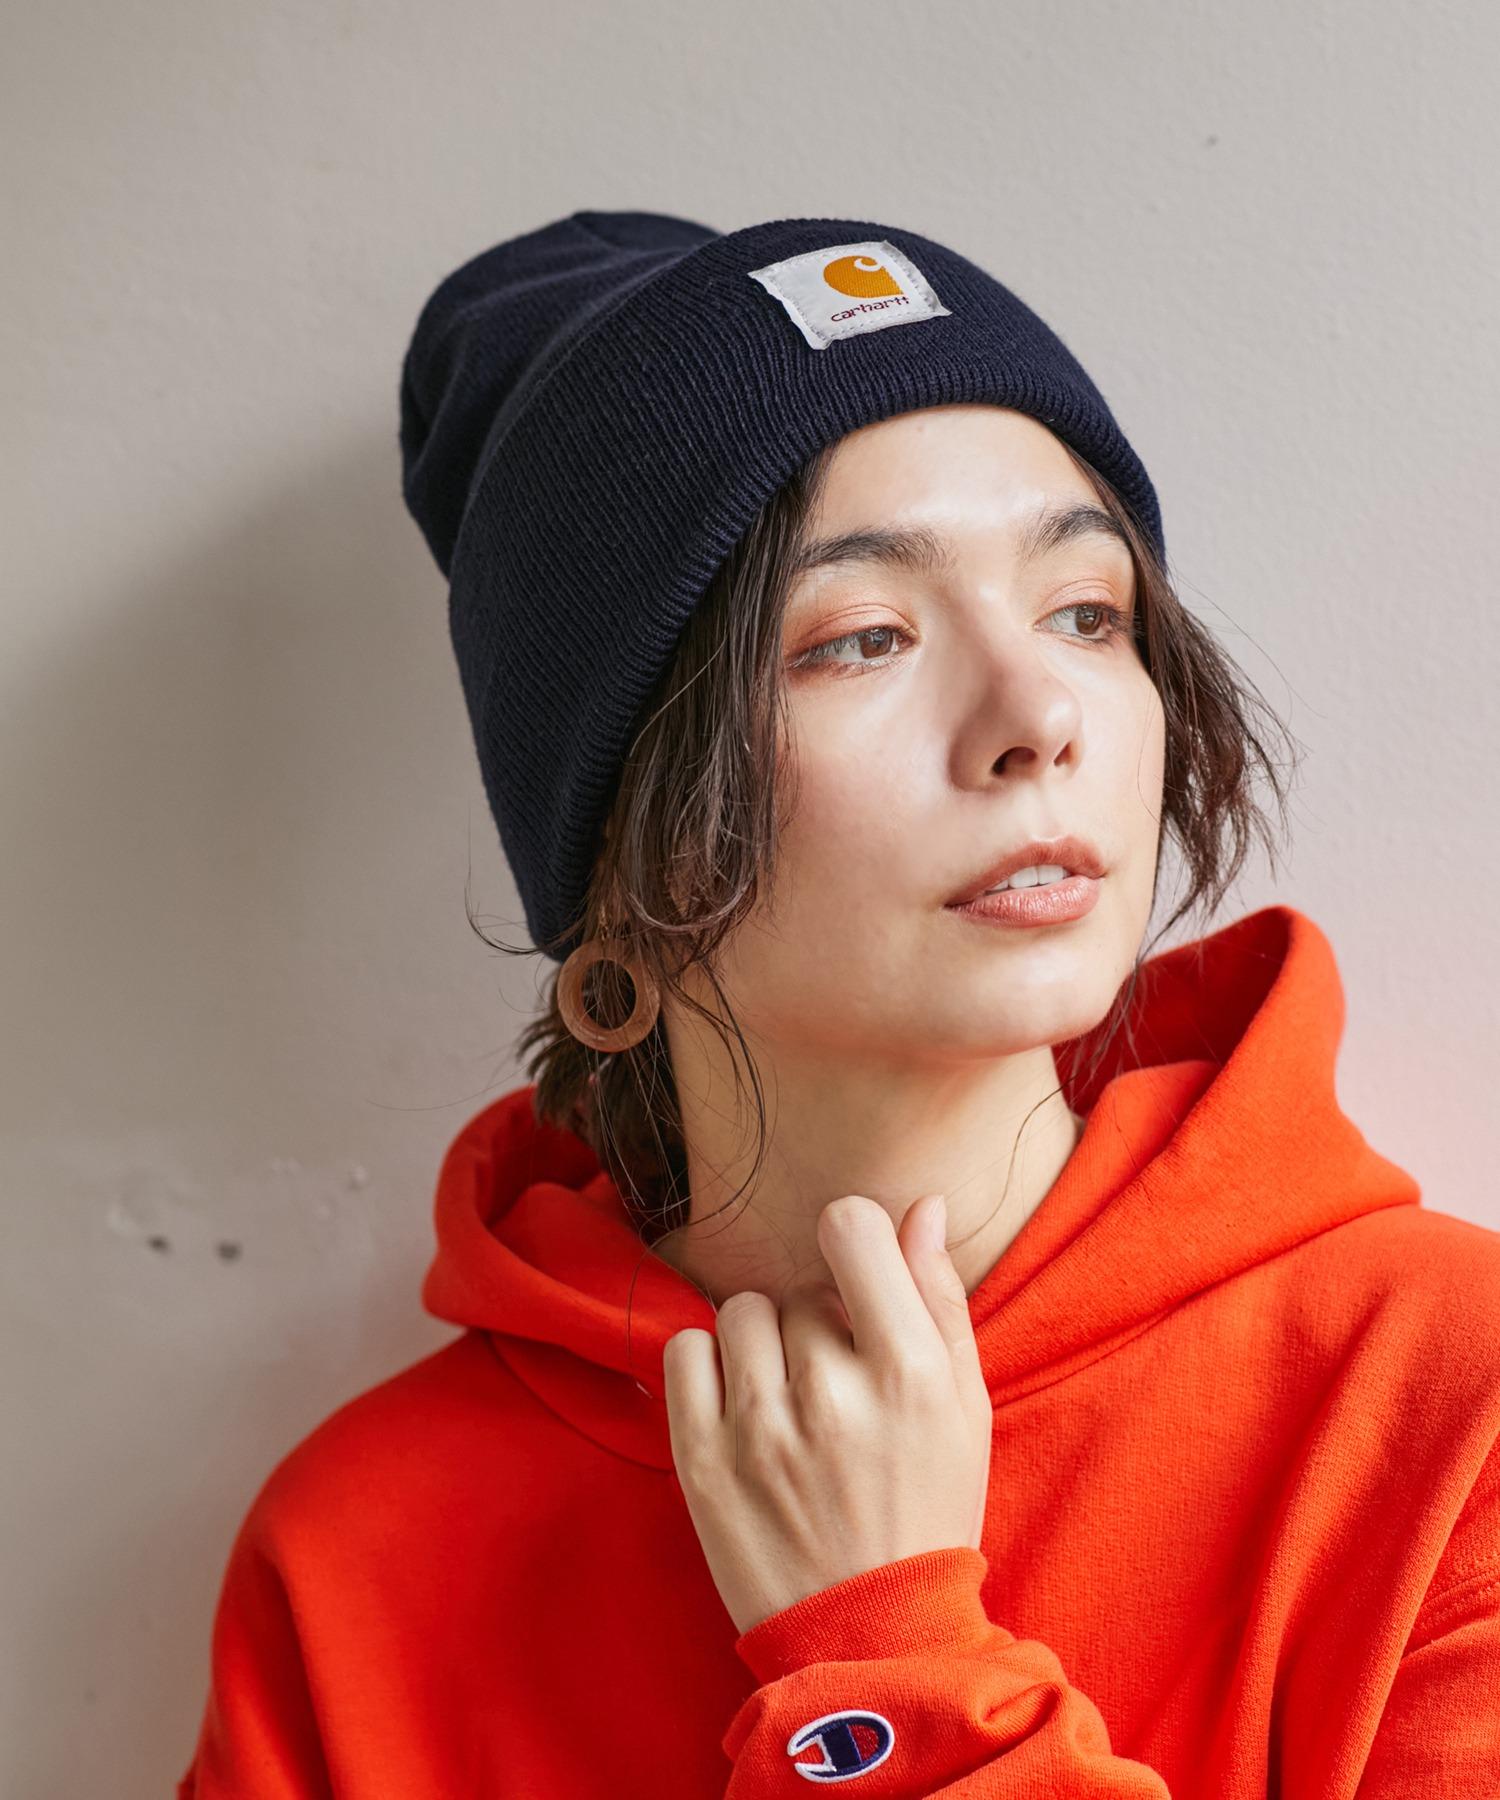 carhartt(カーハート) ACRYLIC WATCH HAT ニットキャップ